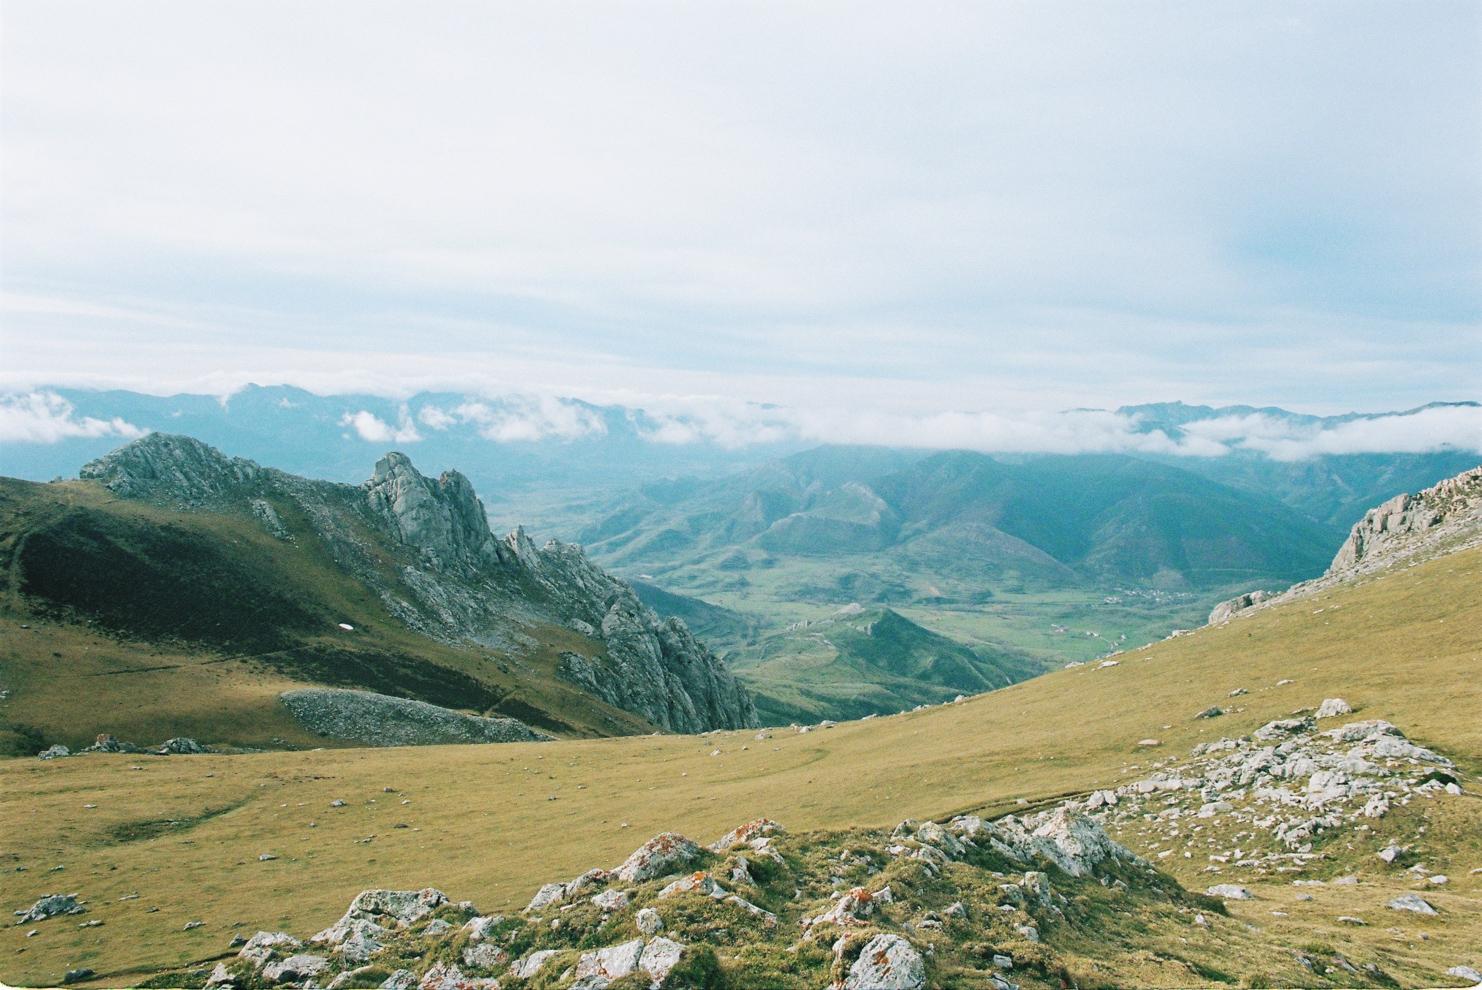 Las_Ubinas_Asturias_MonicaRGoya_copyrighted_17.jpg